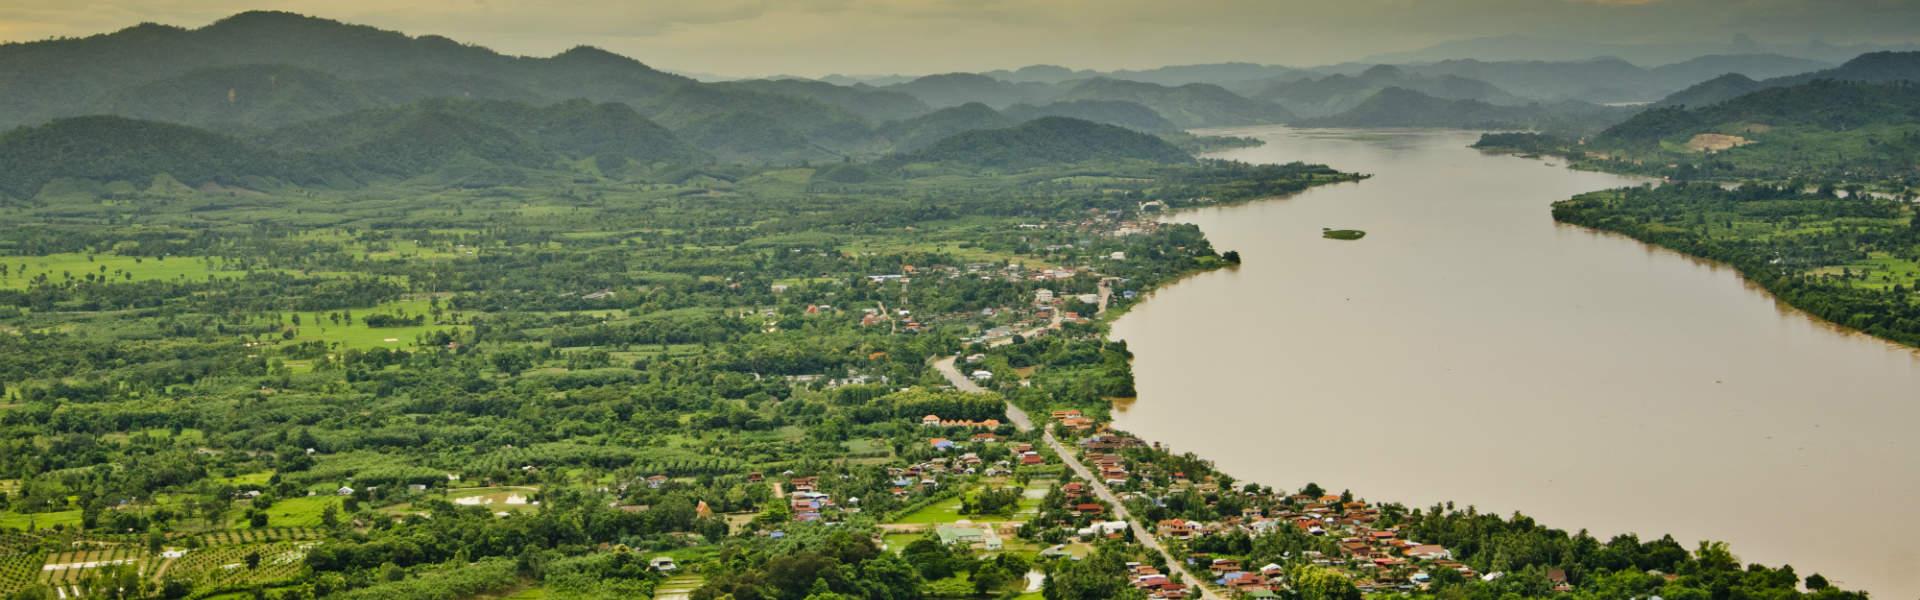 Mekong-River-Vietnam